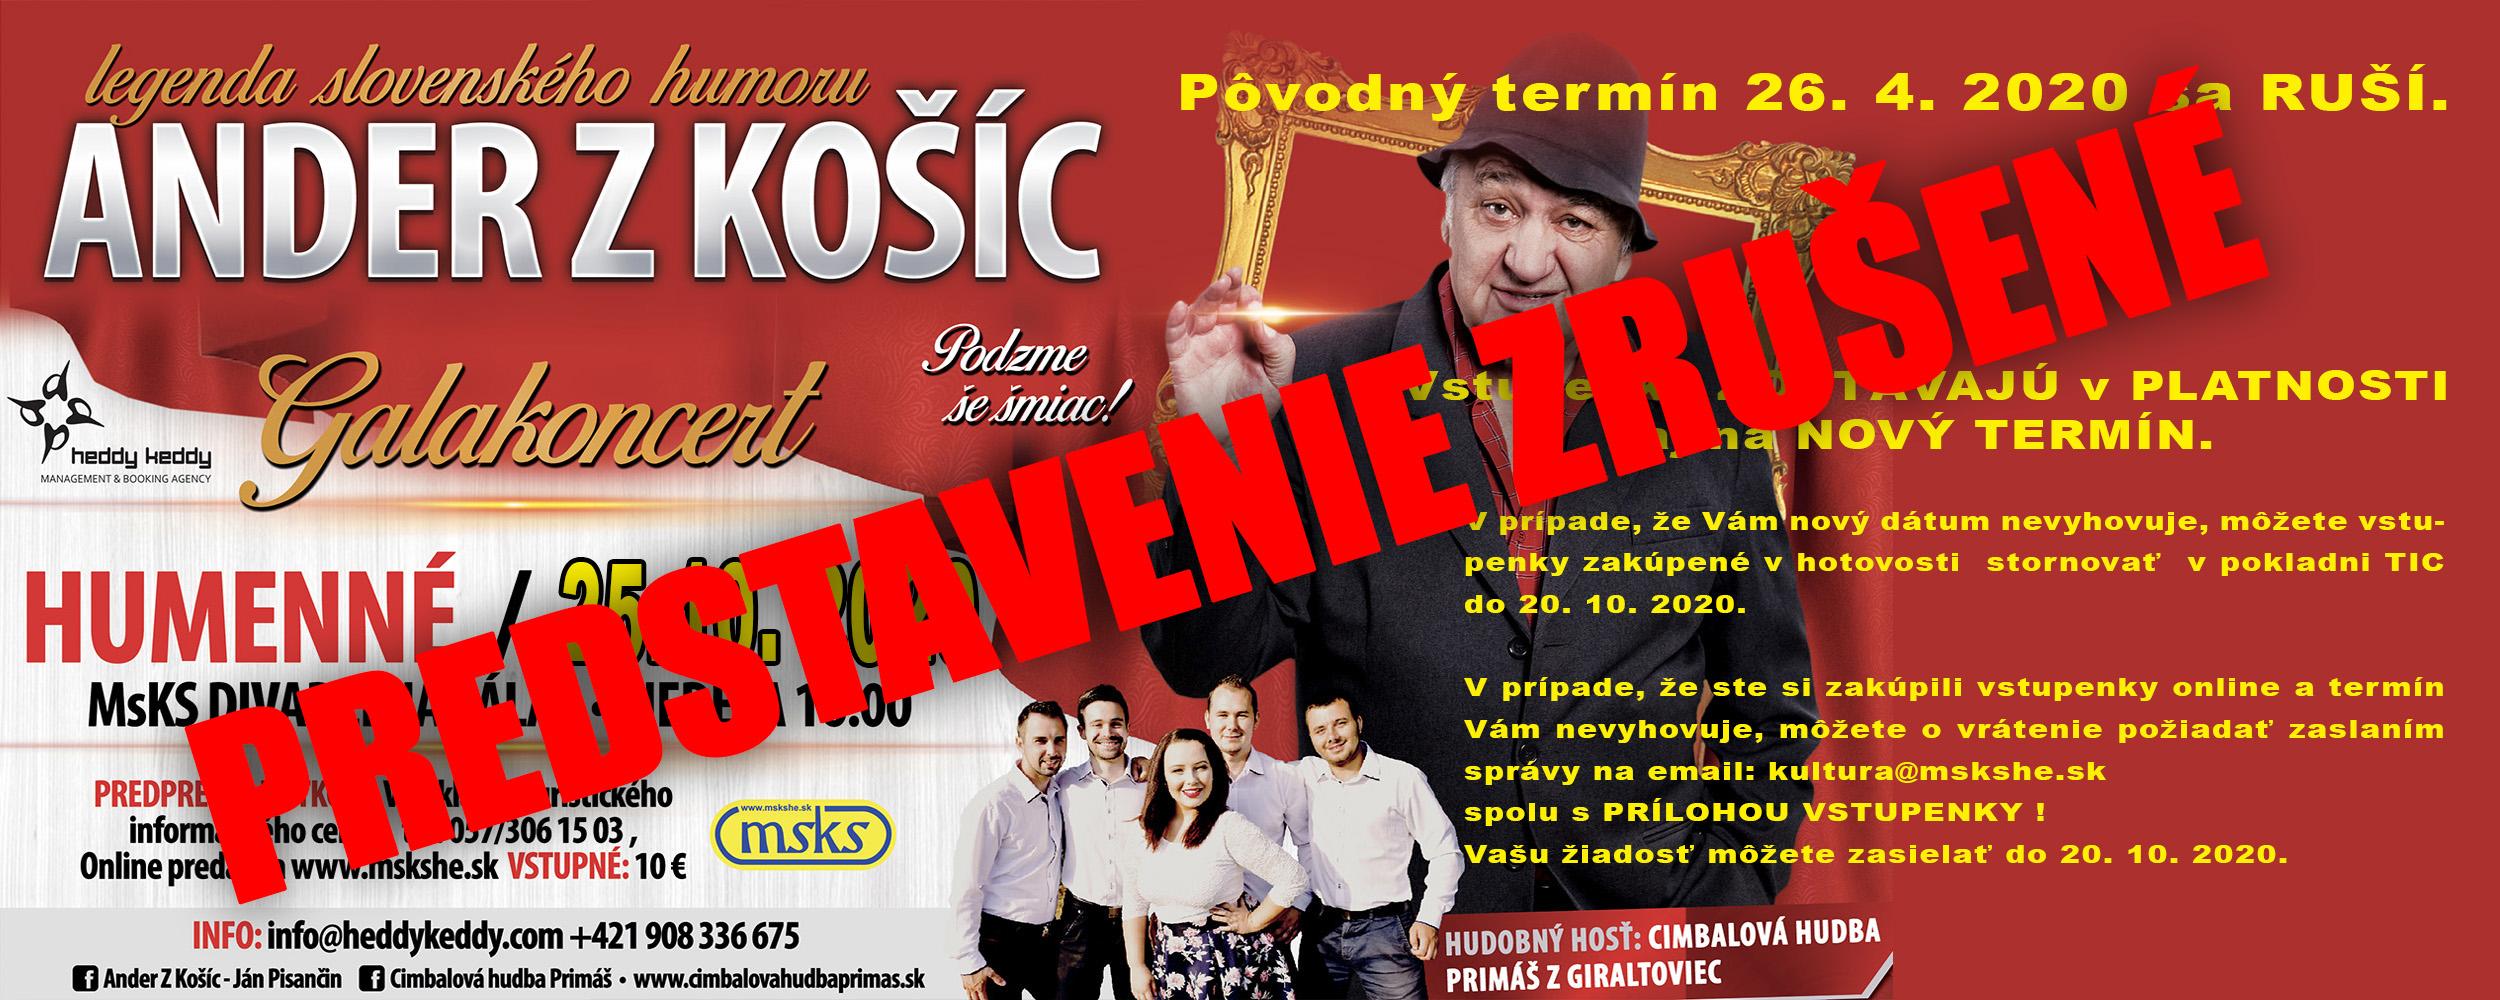 ANDER Z KOšíC OPRAVA23